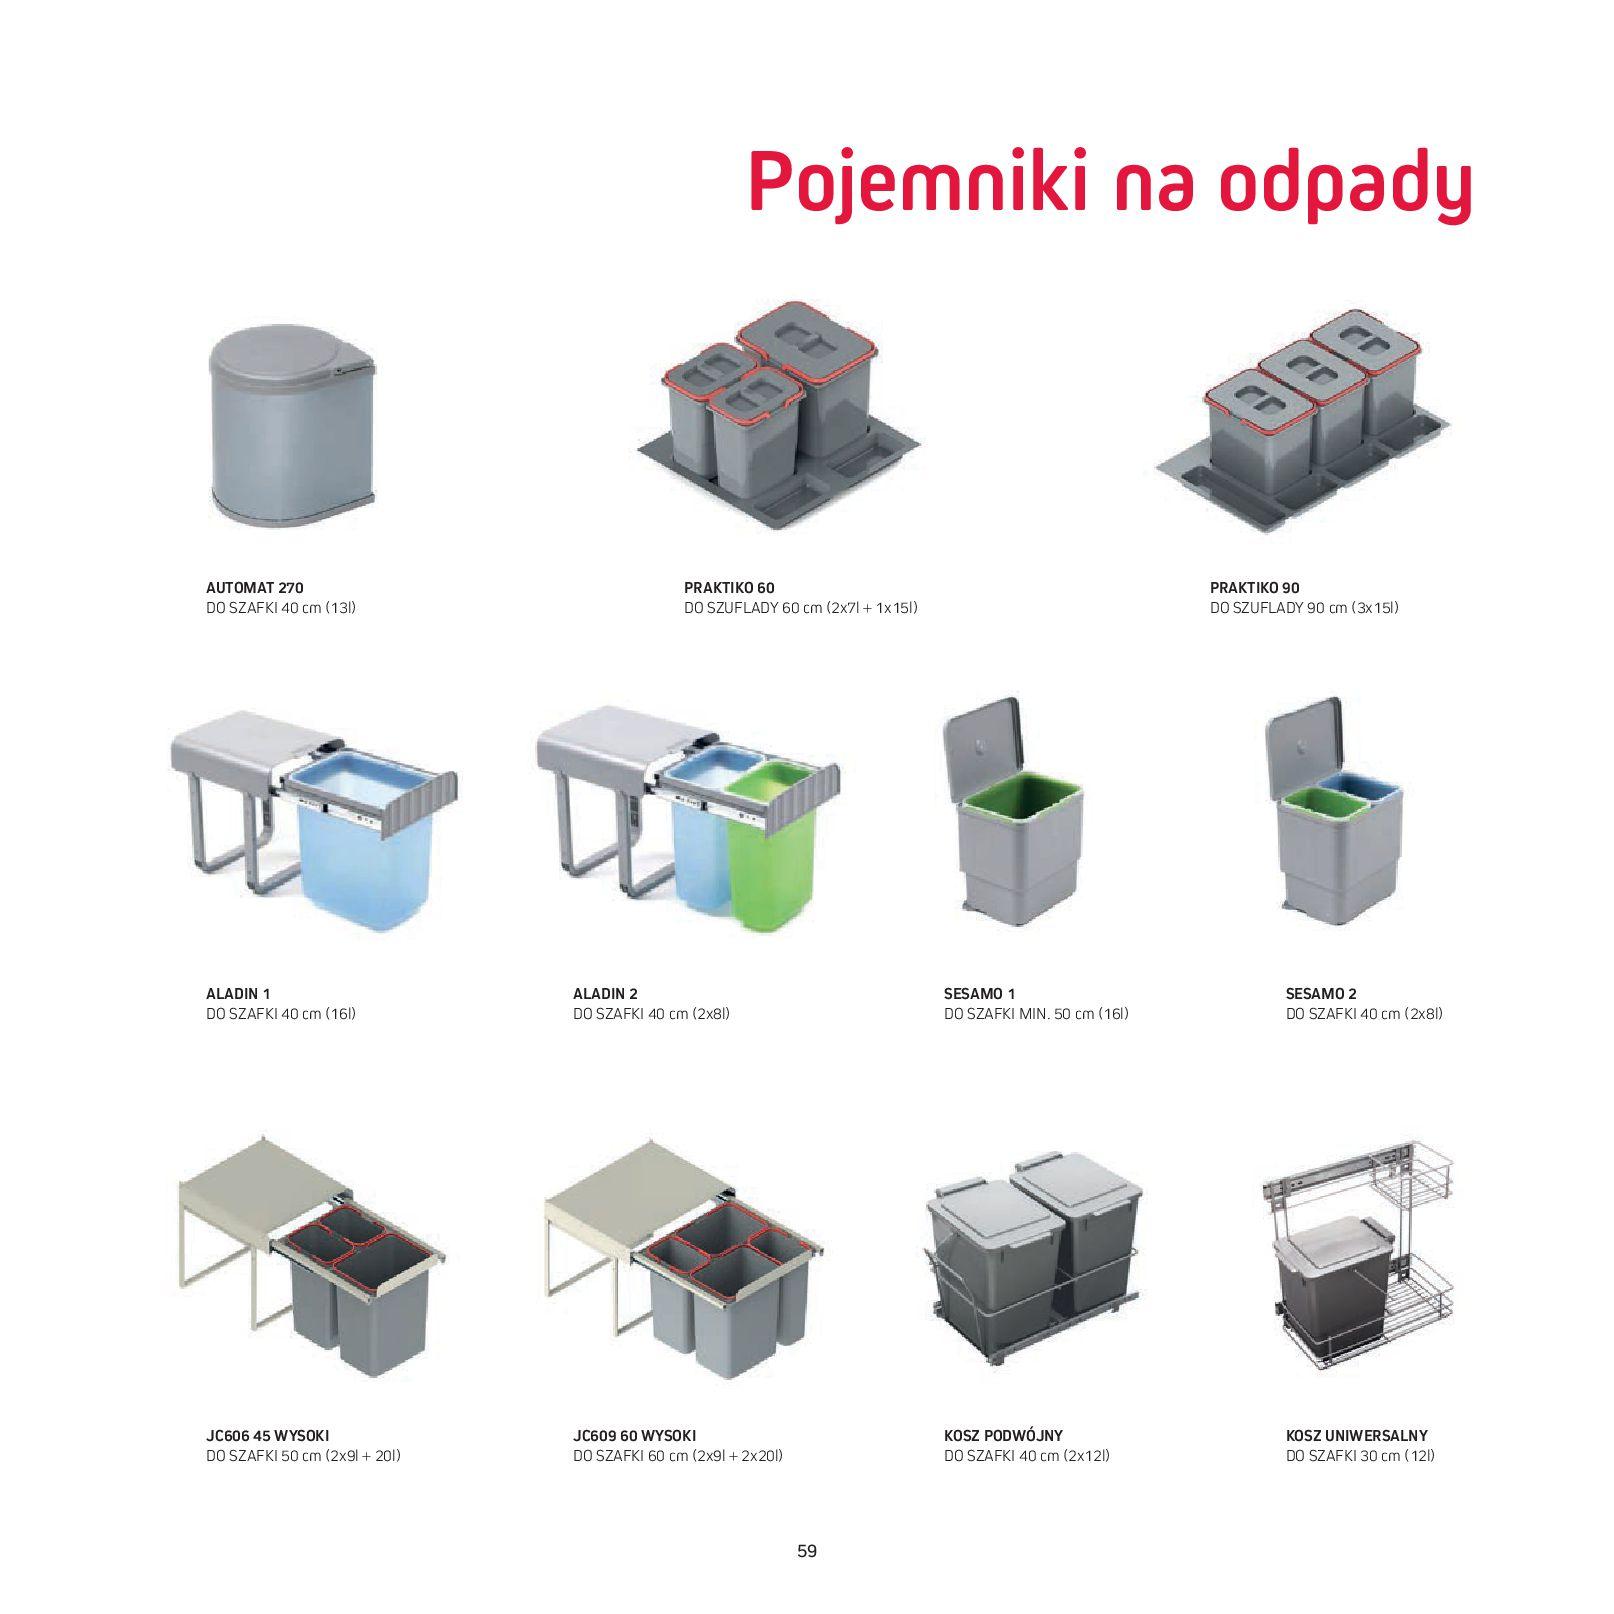 Gazetka Komfort: Gazetka Komfort - Katalog Kuchnie 2021 2021-06-16 page-61